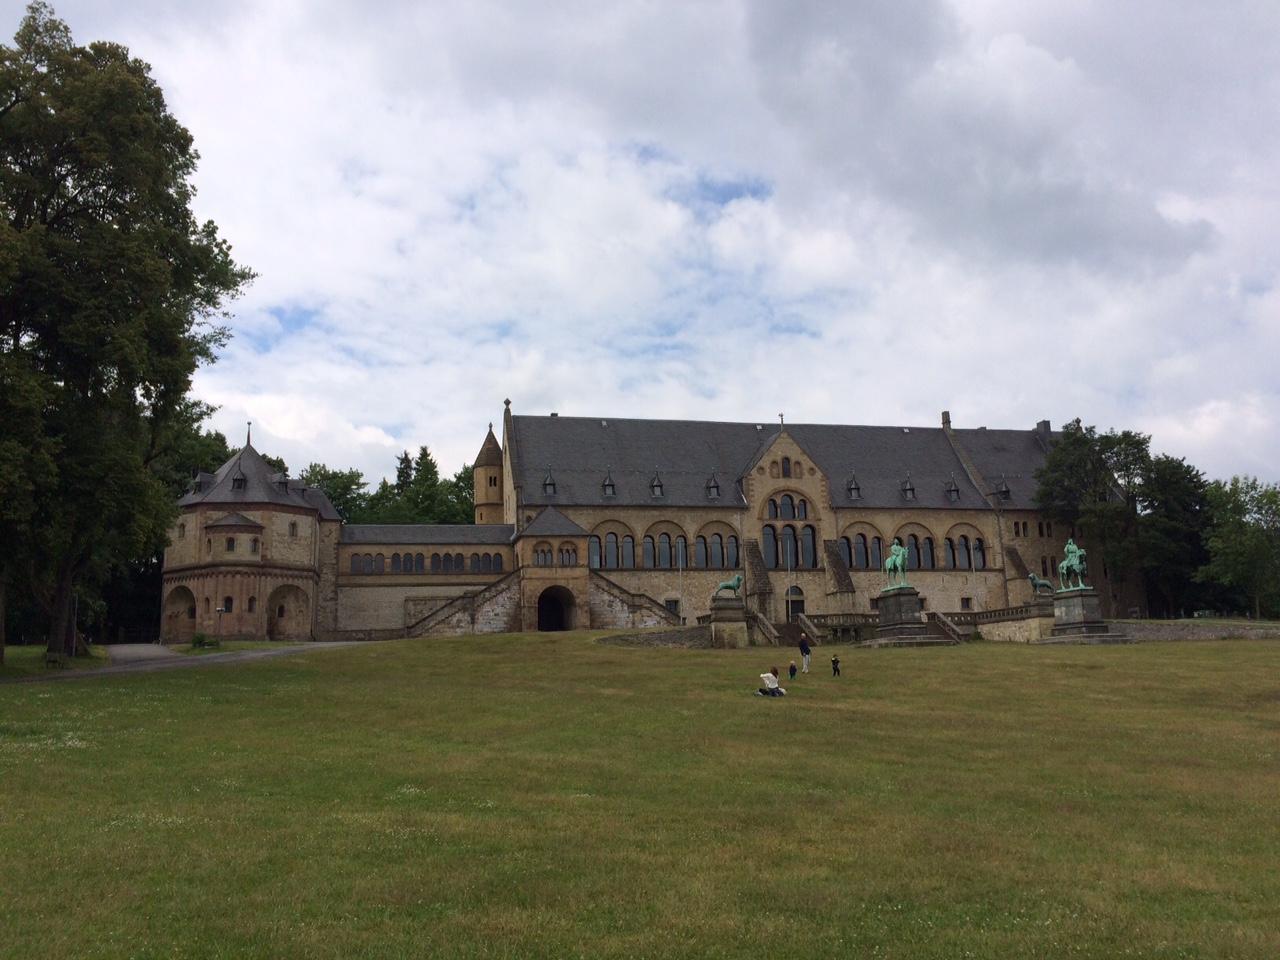 Niedersachsen, Goslar